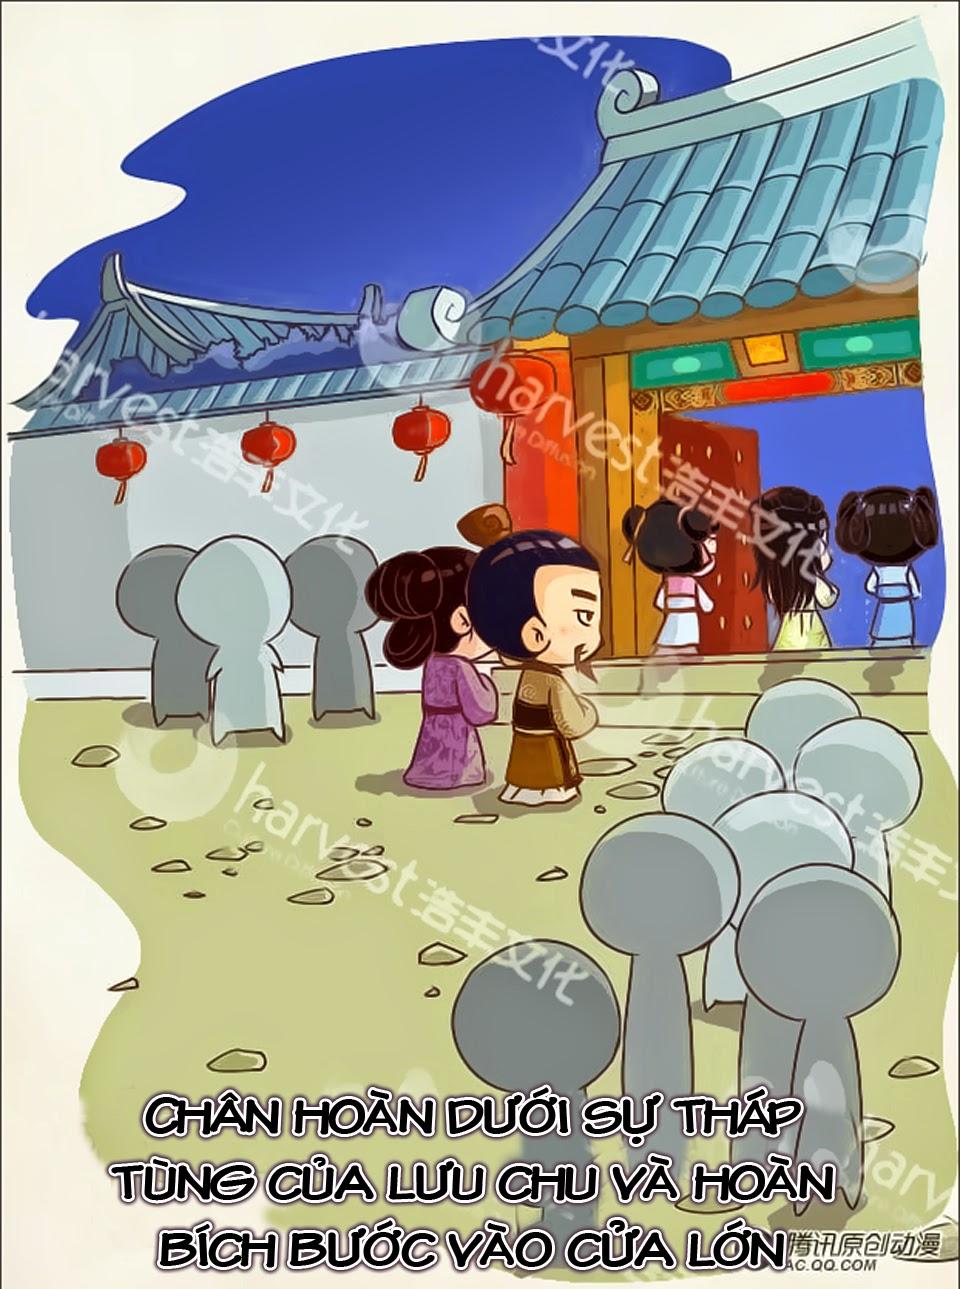 Chân Hoàn Truyện Chap 3.1 - Next Chap 4